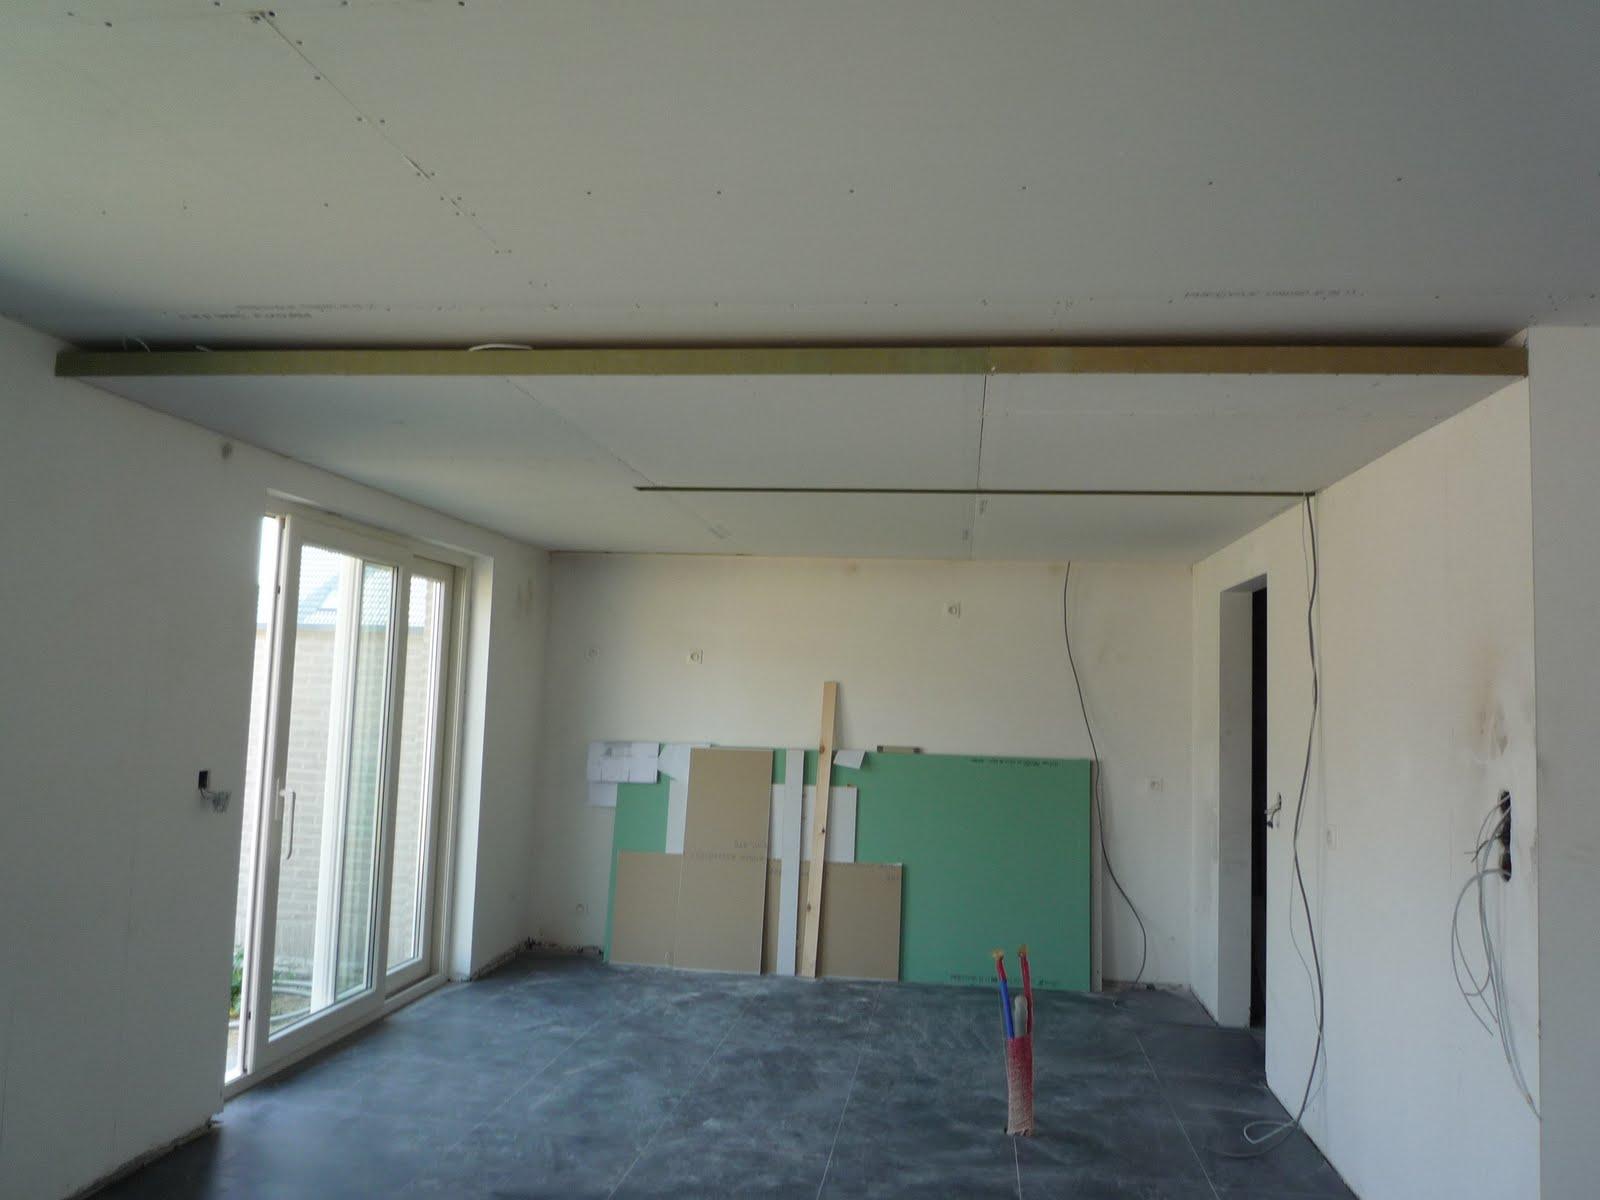 Plafond Verlagen Keuken : Uitsparing voor lichtbak in keuken